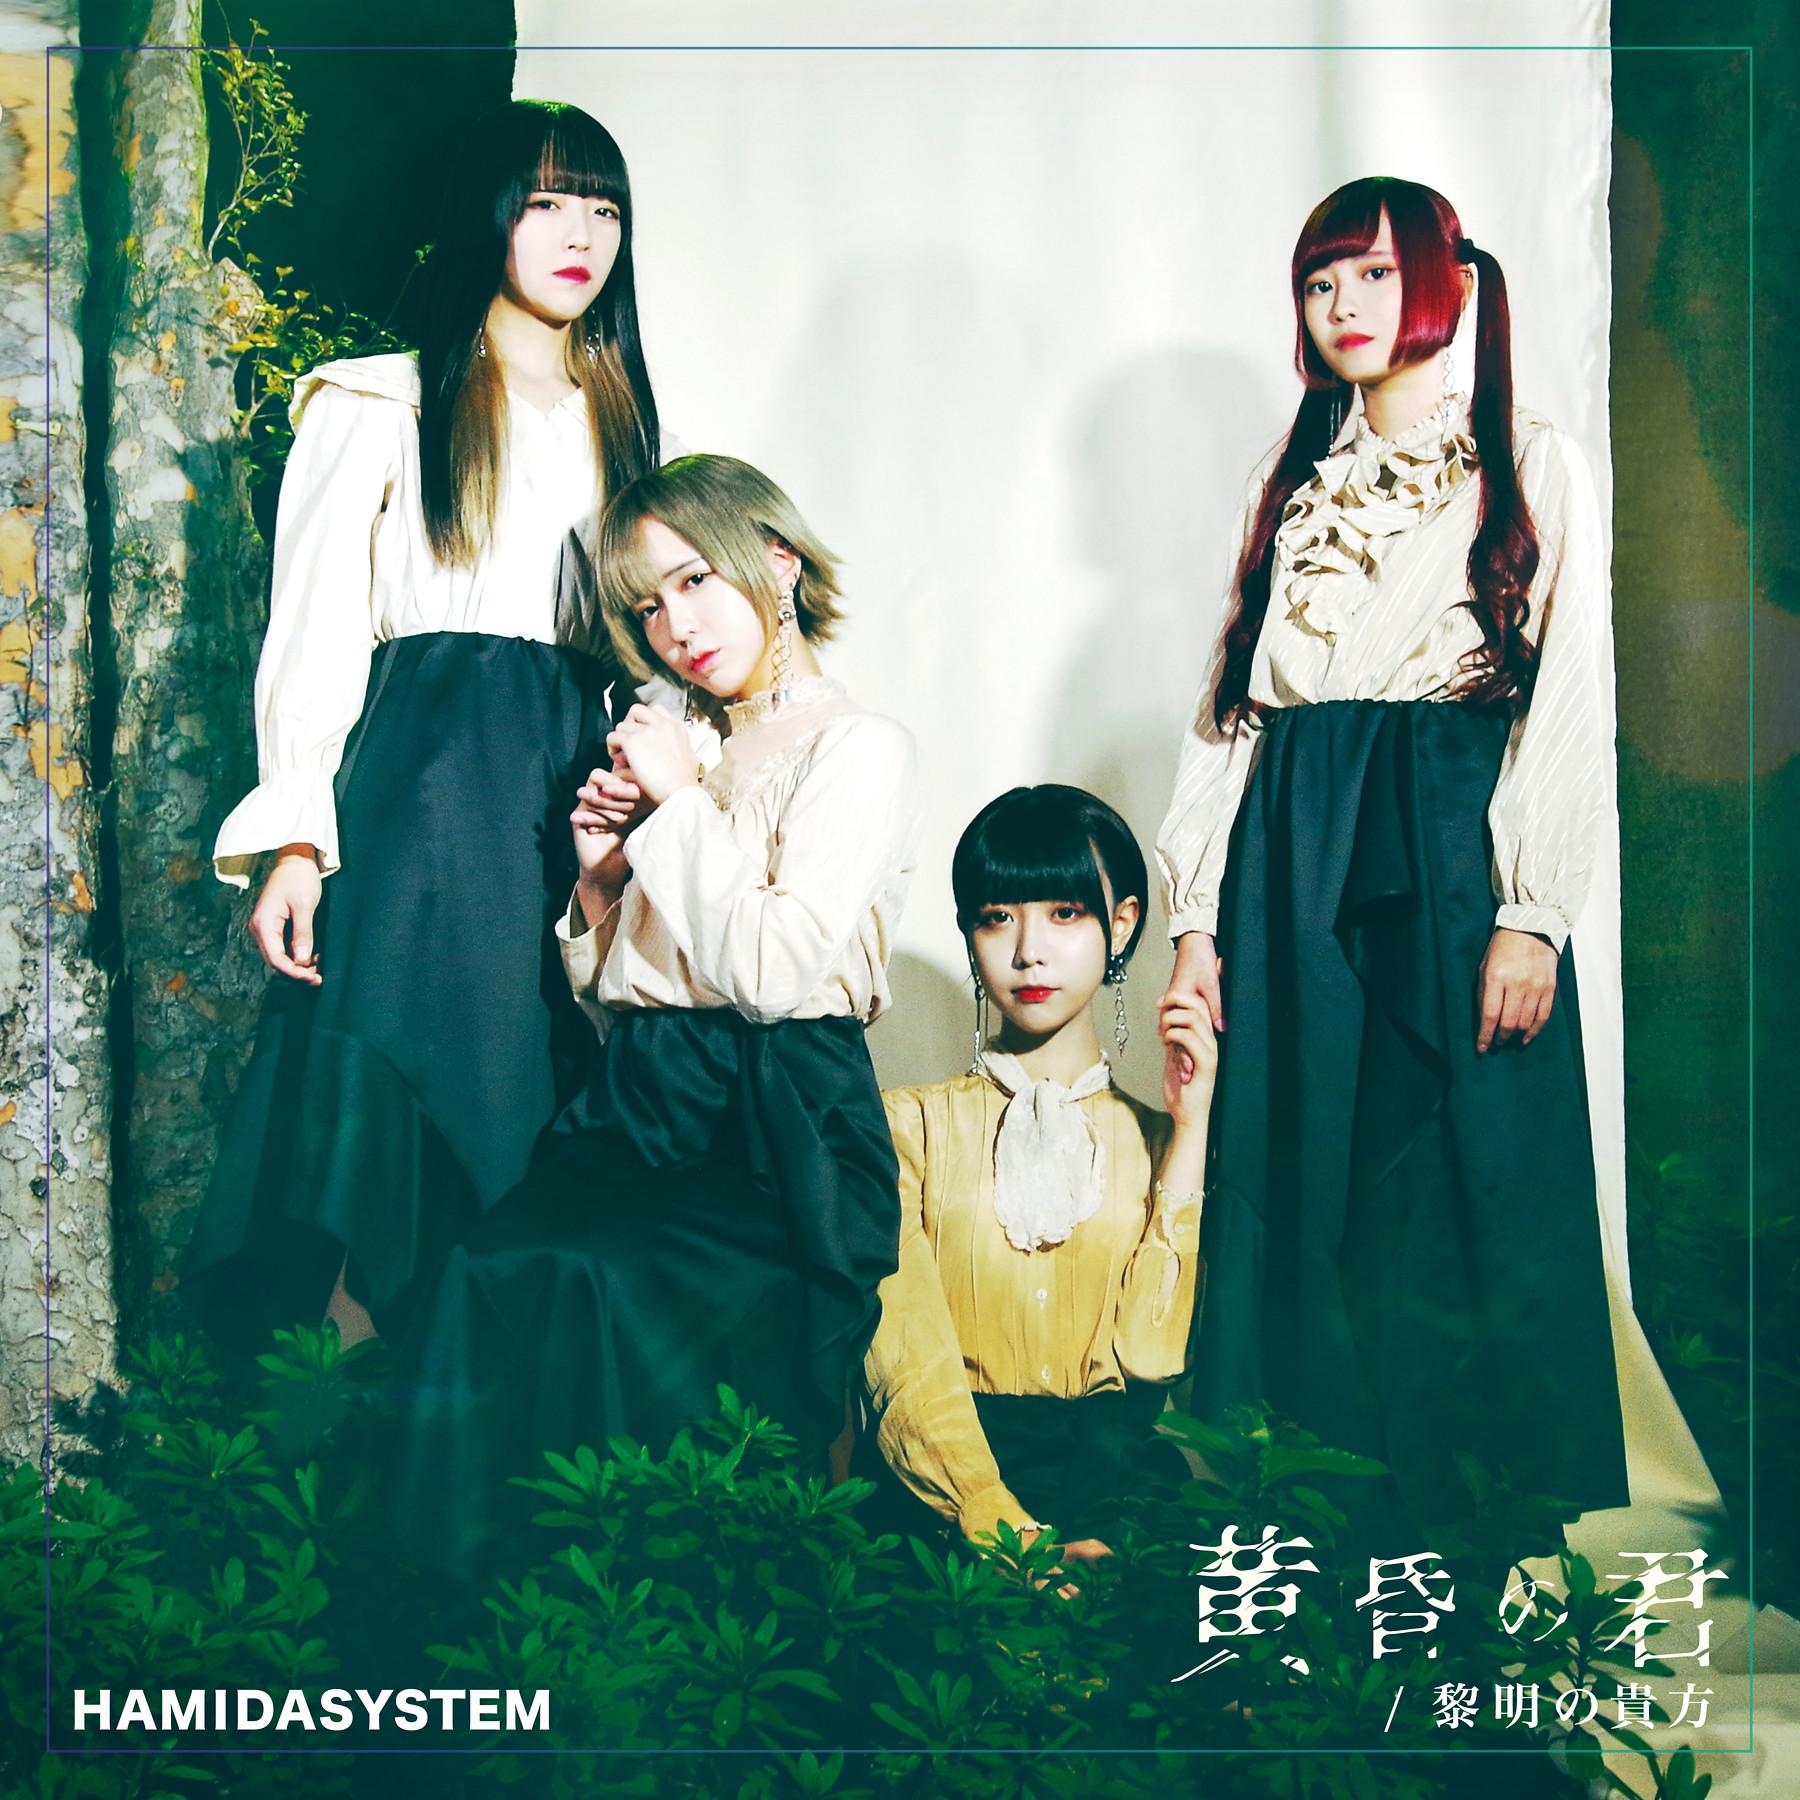 HAMIDASYSTEM 2周年記念ワンマンライブ「黄昏の君」